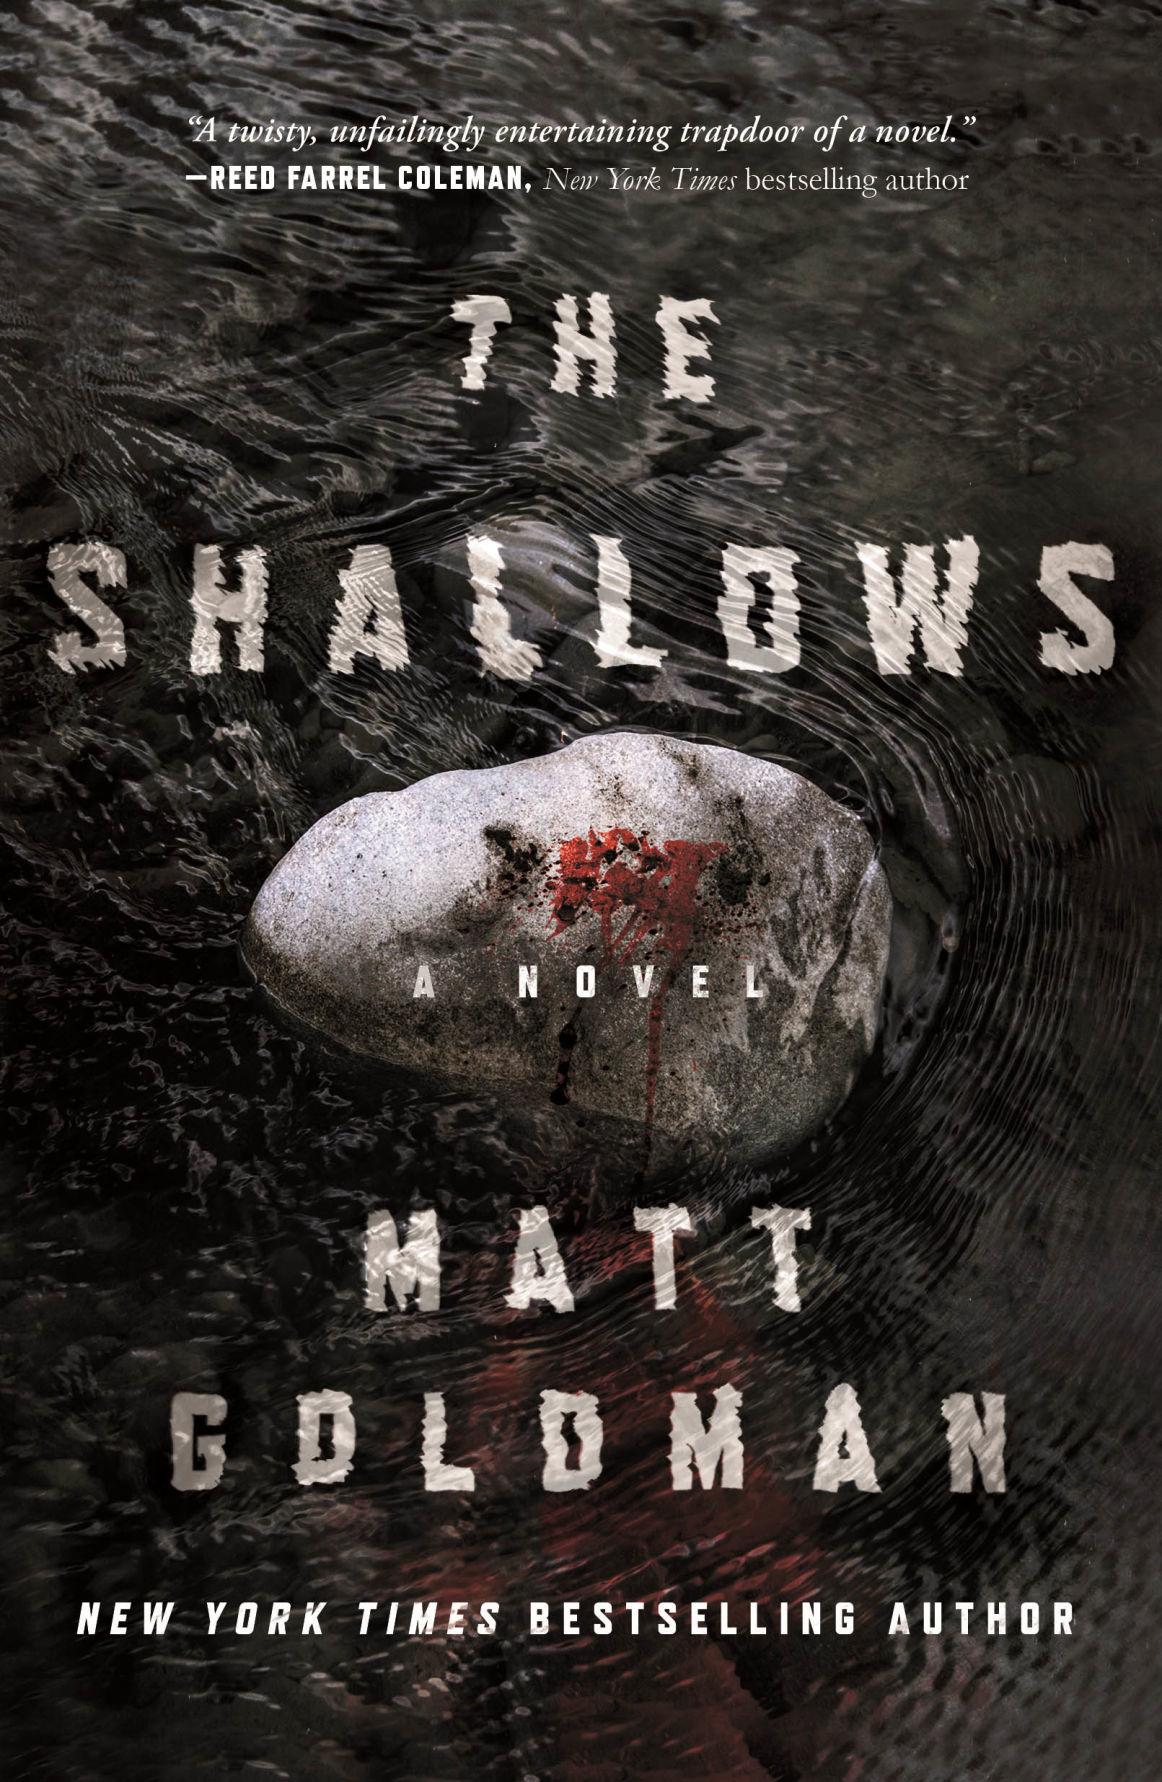 The Shallows Matt Goldman